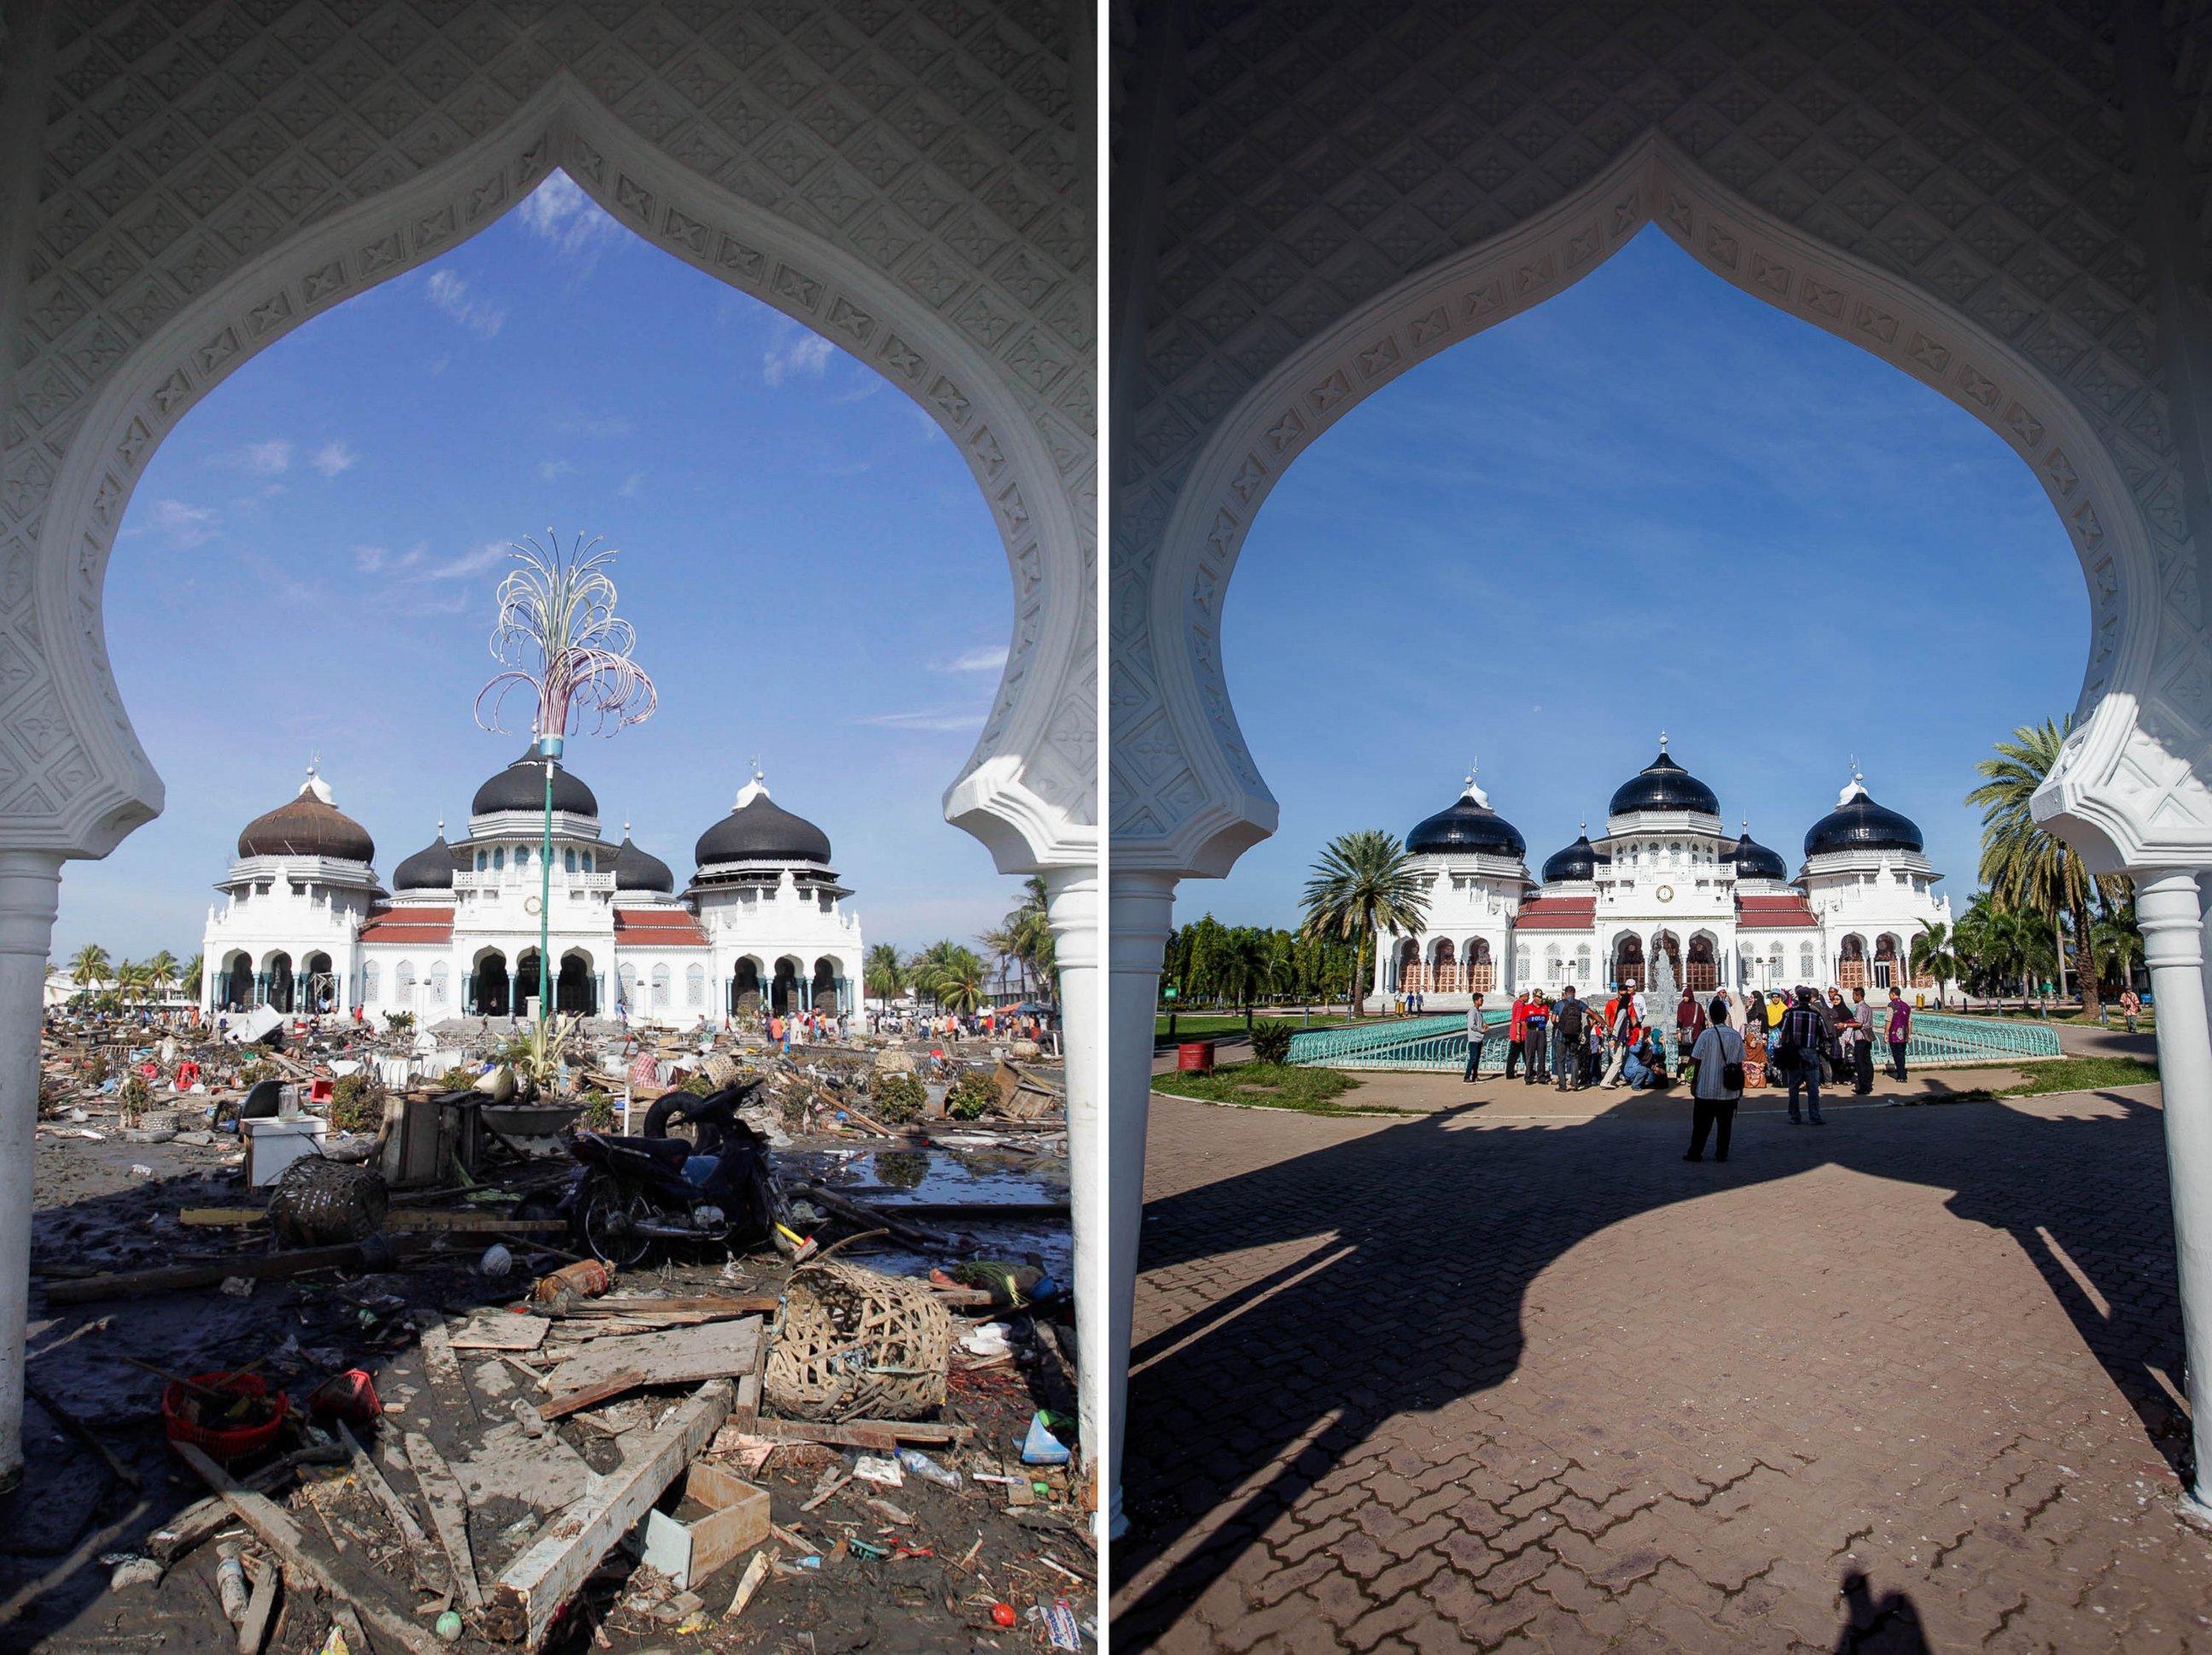 Foto Masjid Agung Baiturrahman pada 28 Desember 2004 (kiri) dan 11 Desember 2014. Foto: ABC News